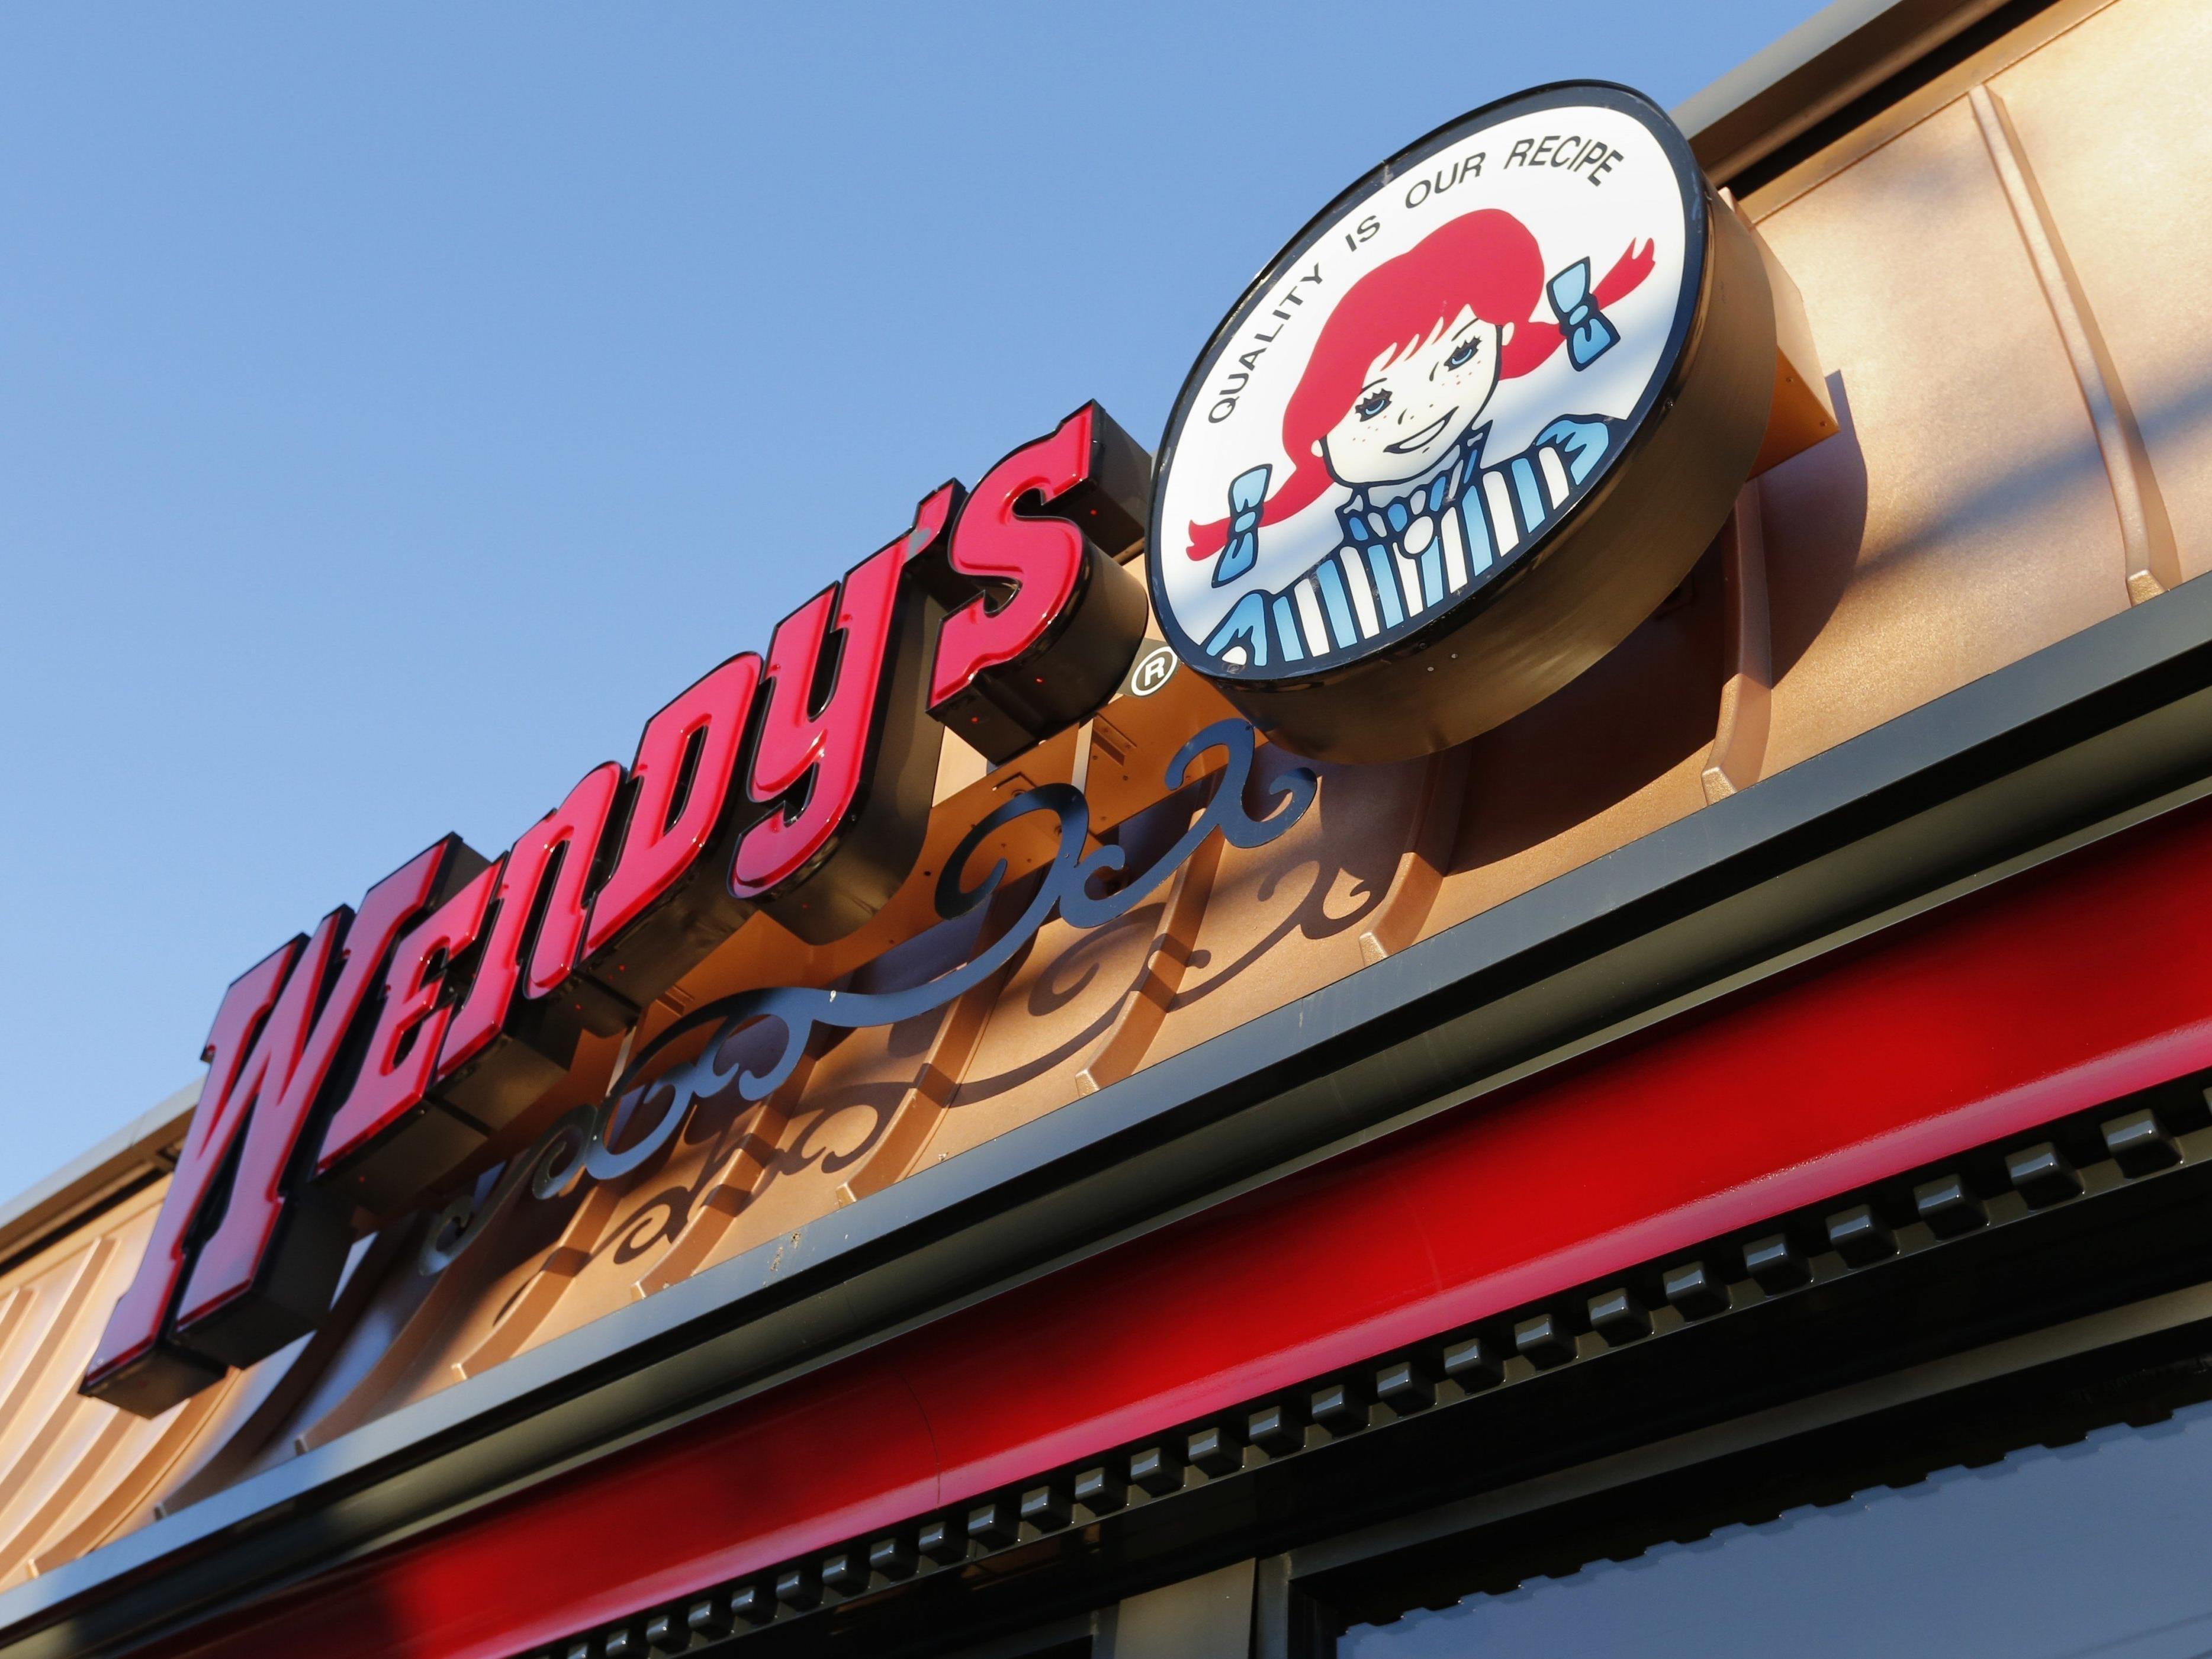 Wendy's gibt Carter bei 18 Millionen Retweets gratis Chicken Nuggets für ein Jahr aus.